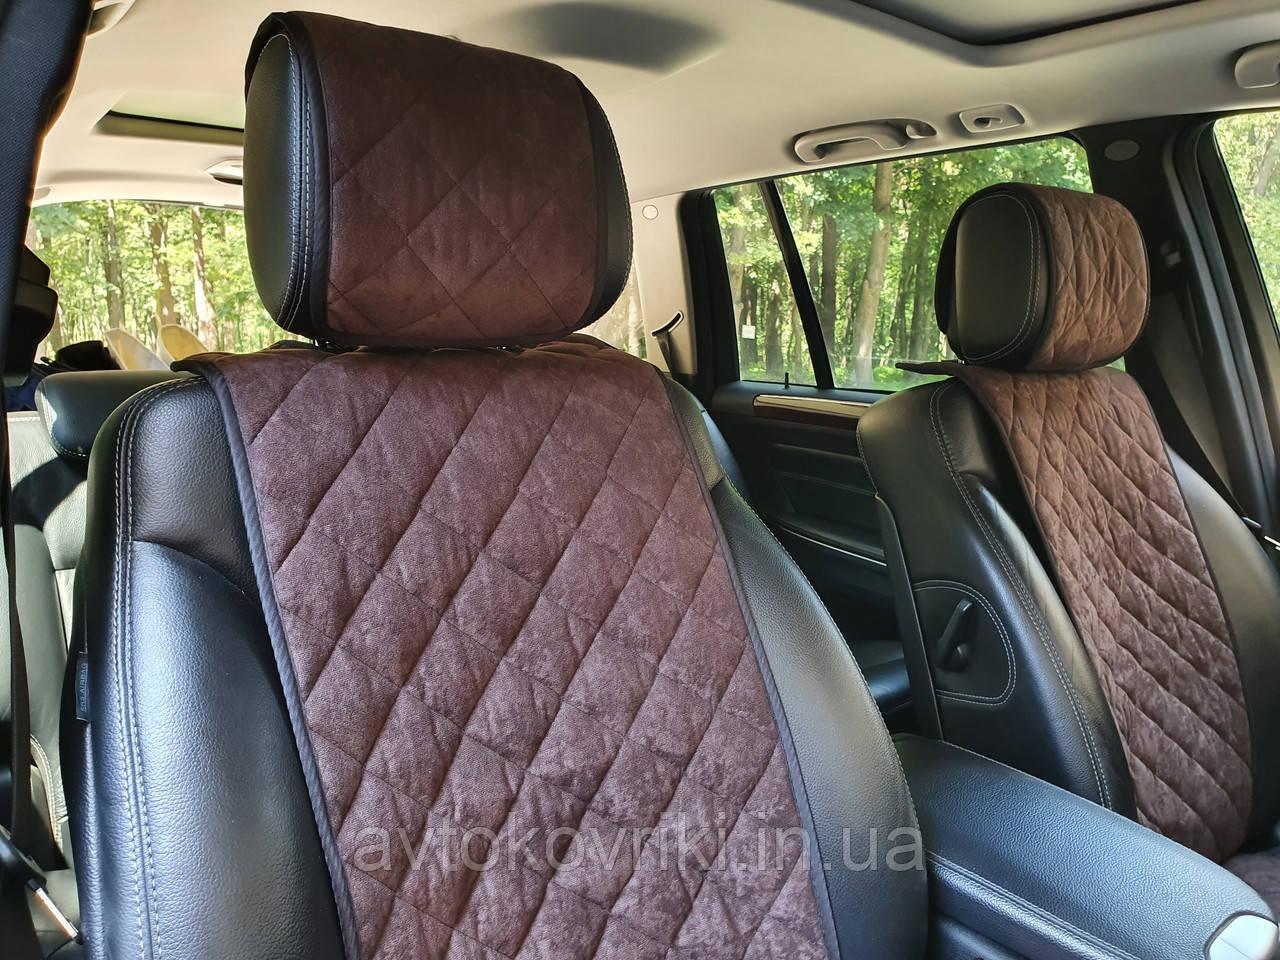 Накидки на сиденья темно-коричневые. Передний комплект. СТАНДАРТ. Авточехлы - фото 4